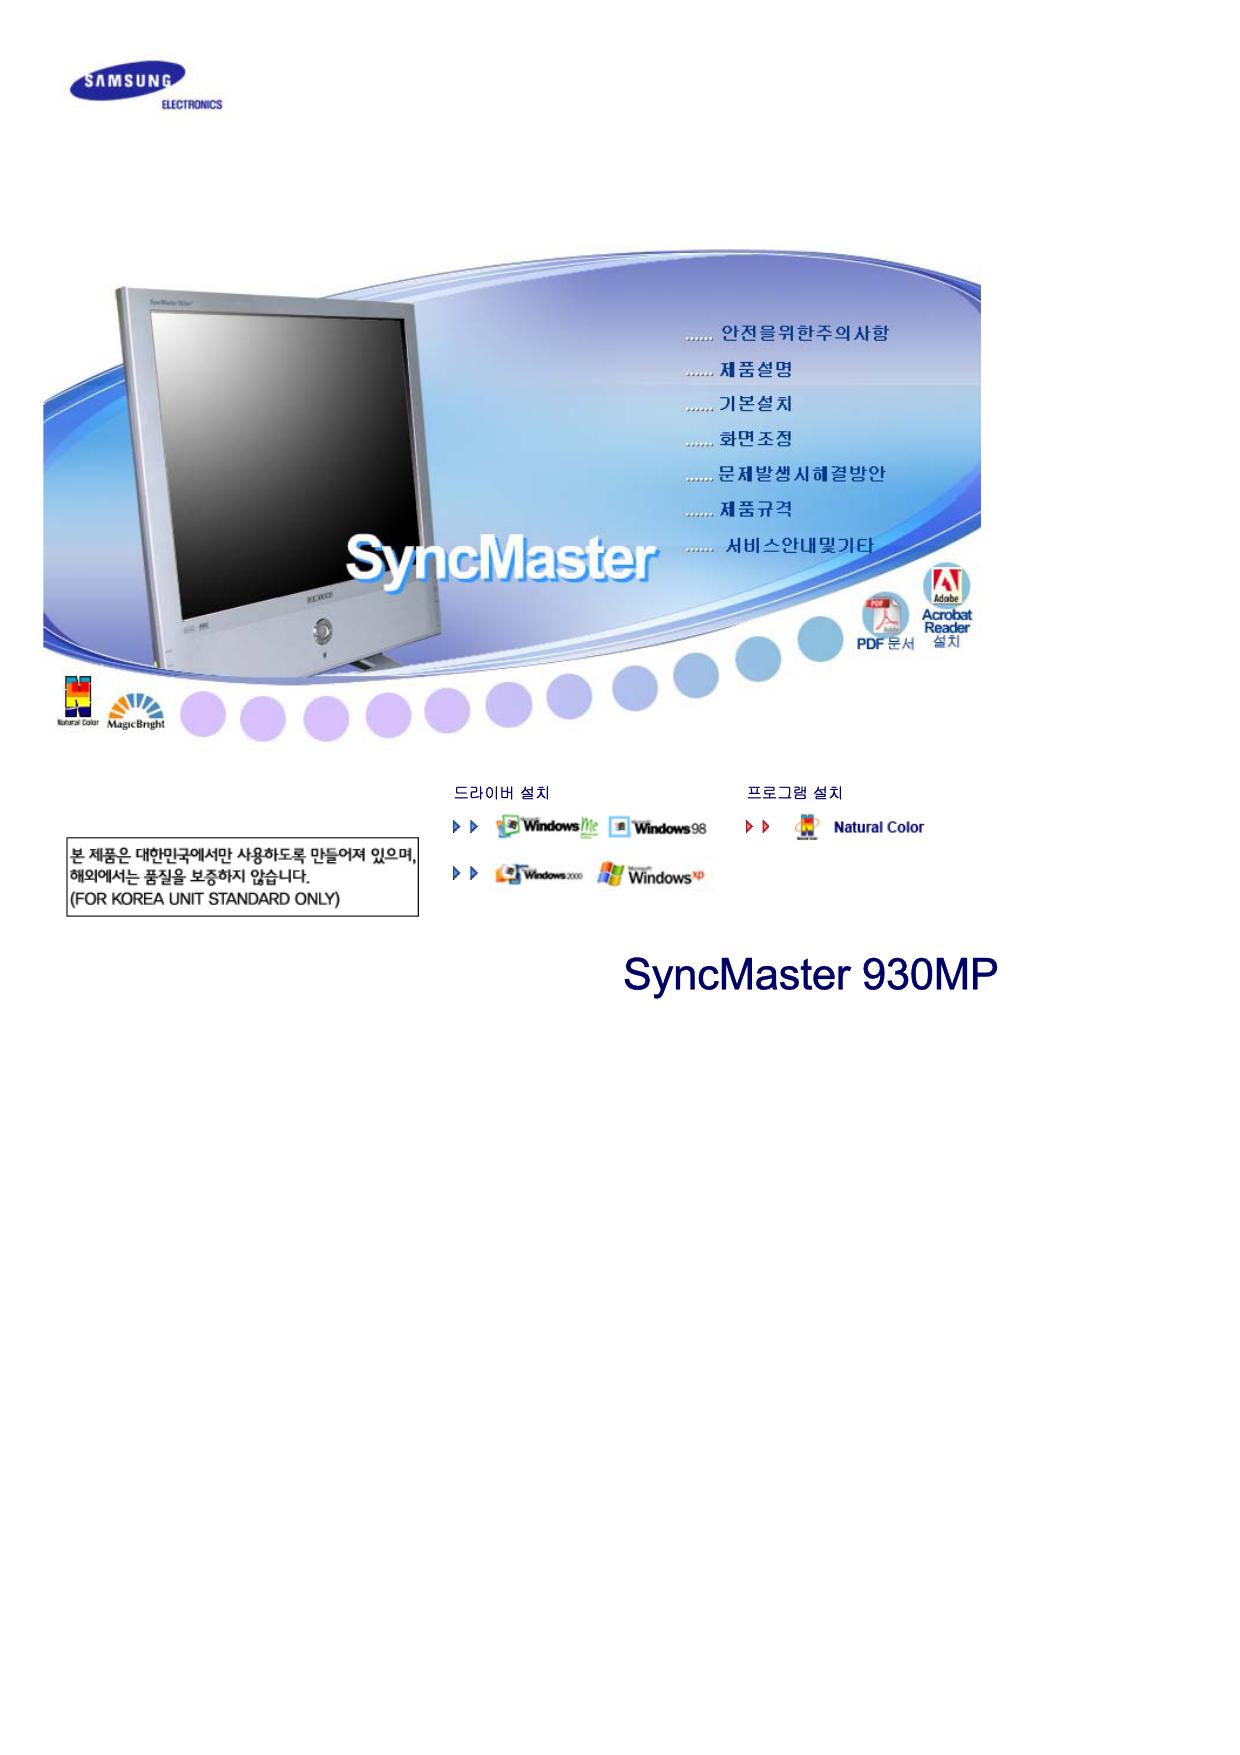 SAMSUNG MONITOR SYNCMASTER MAGIC CX510MP WINDOWS 8.1 DRIVER